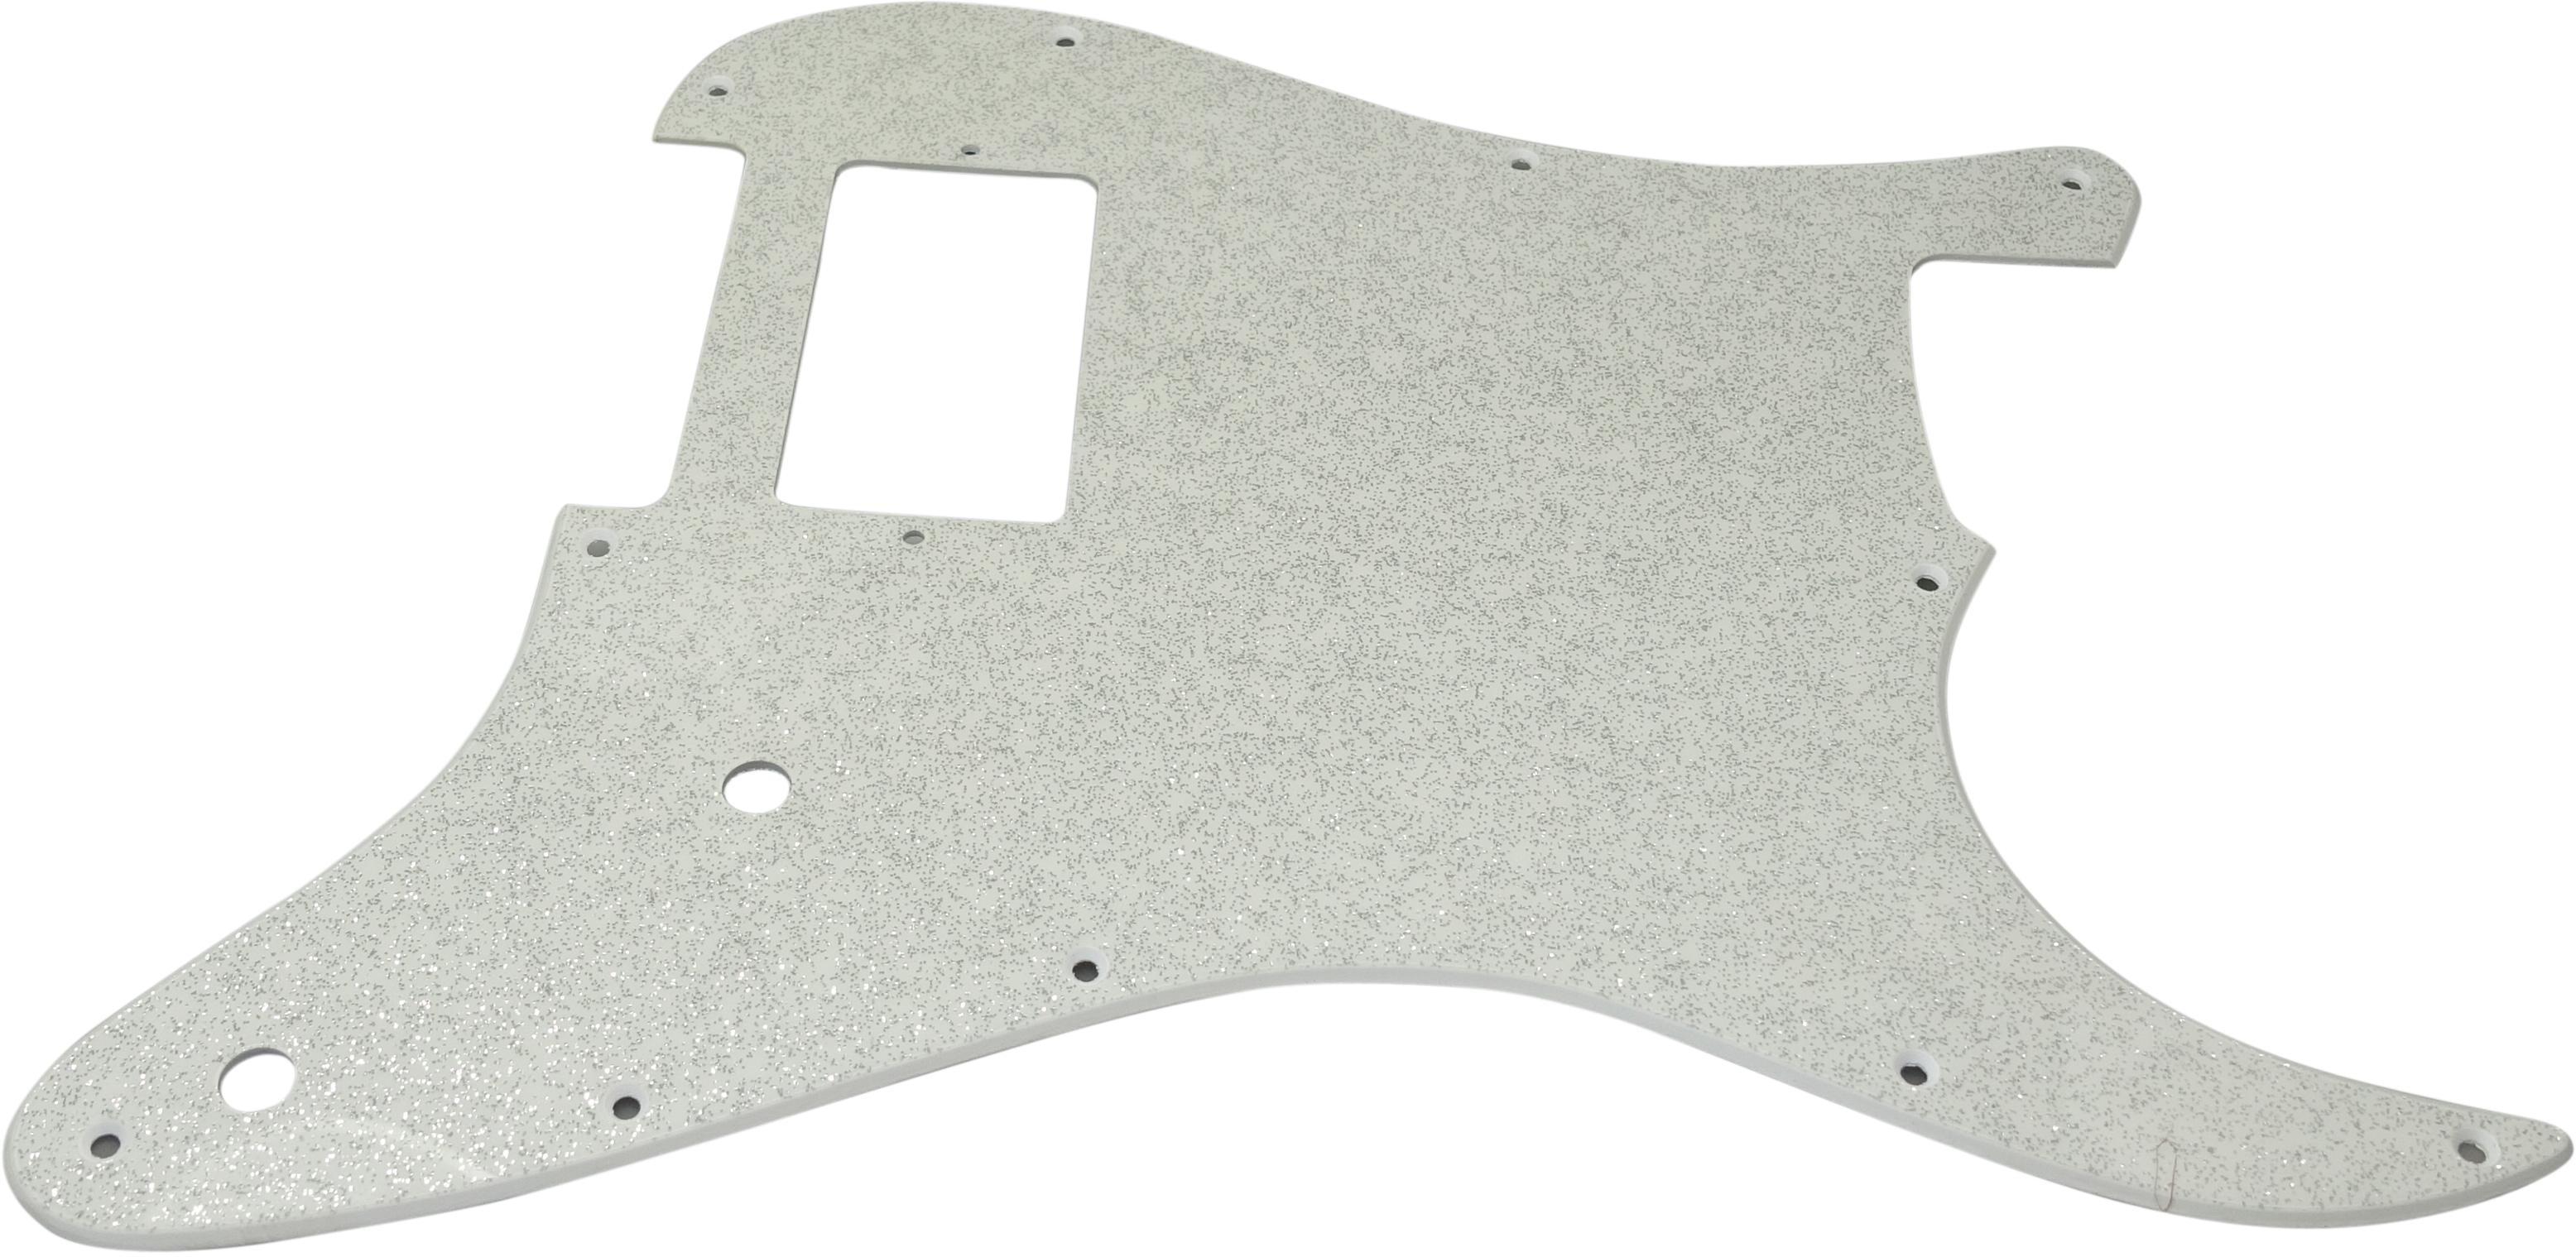 Toronzo Pickguard ST-H-2P-2PLY-Sparkle Silver